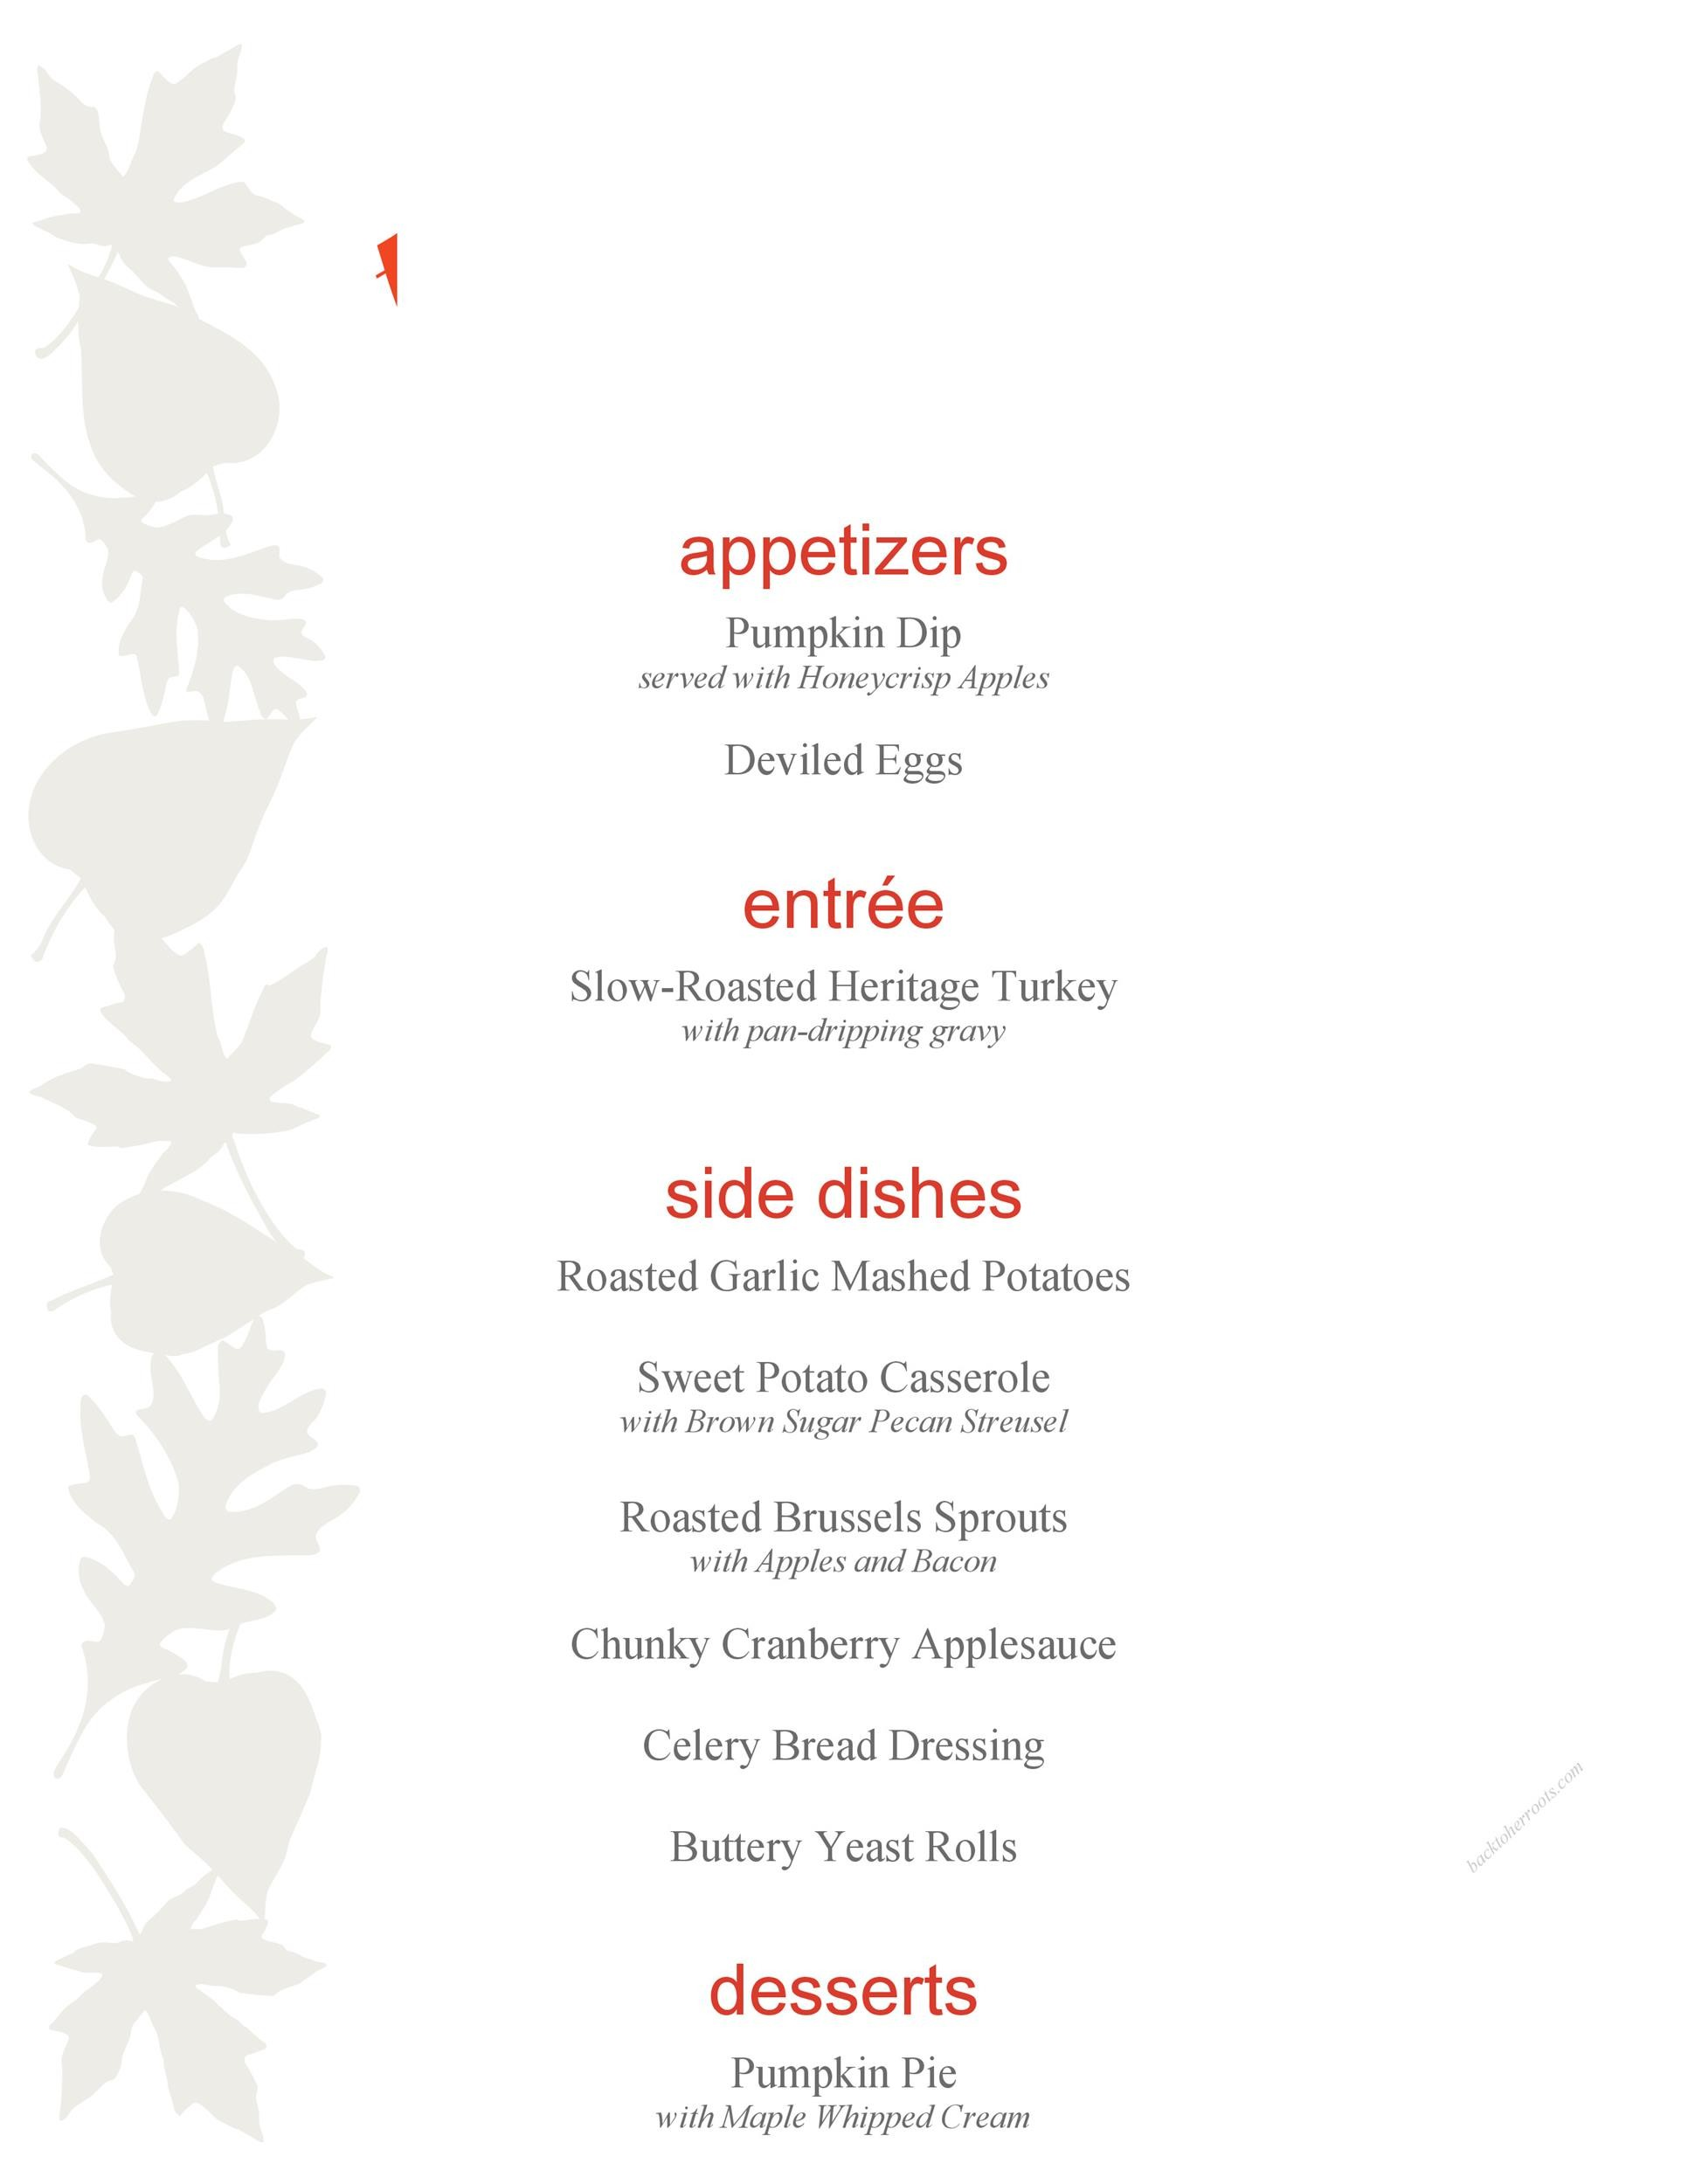 Free thanksgiving menu template 06